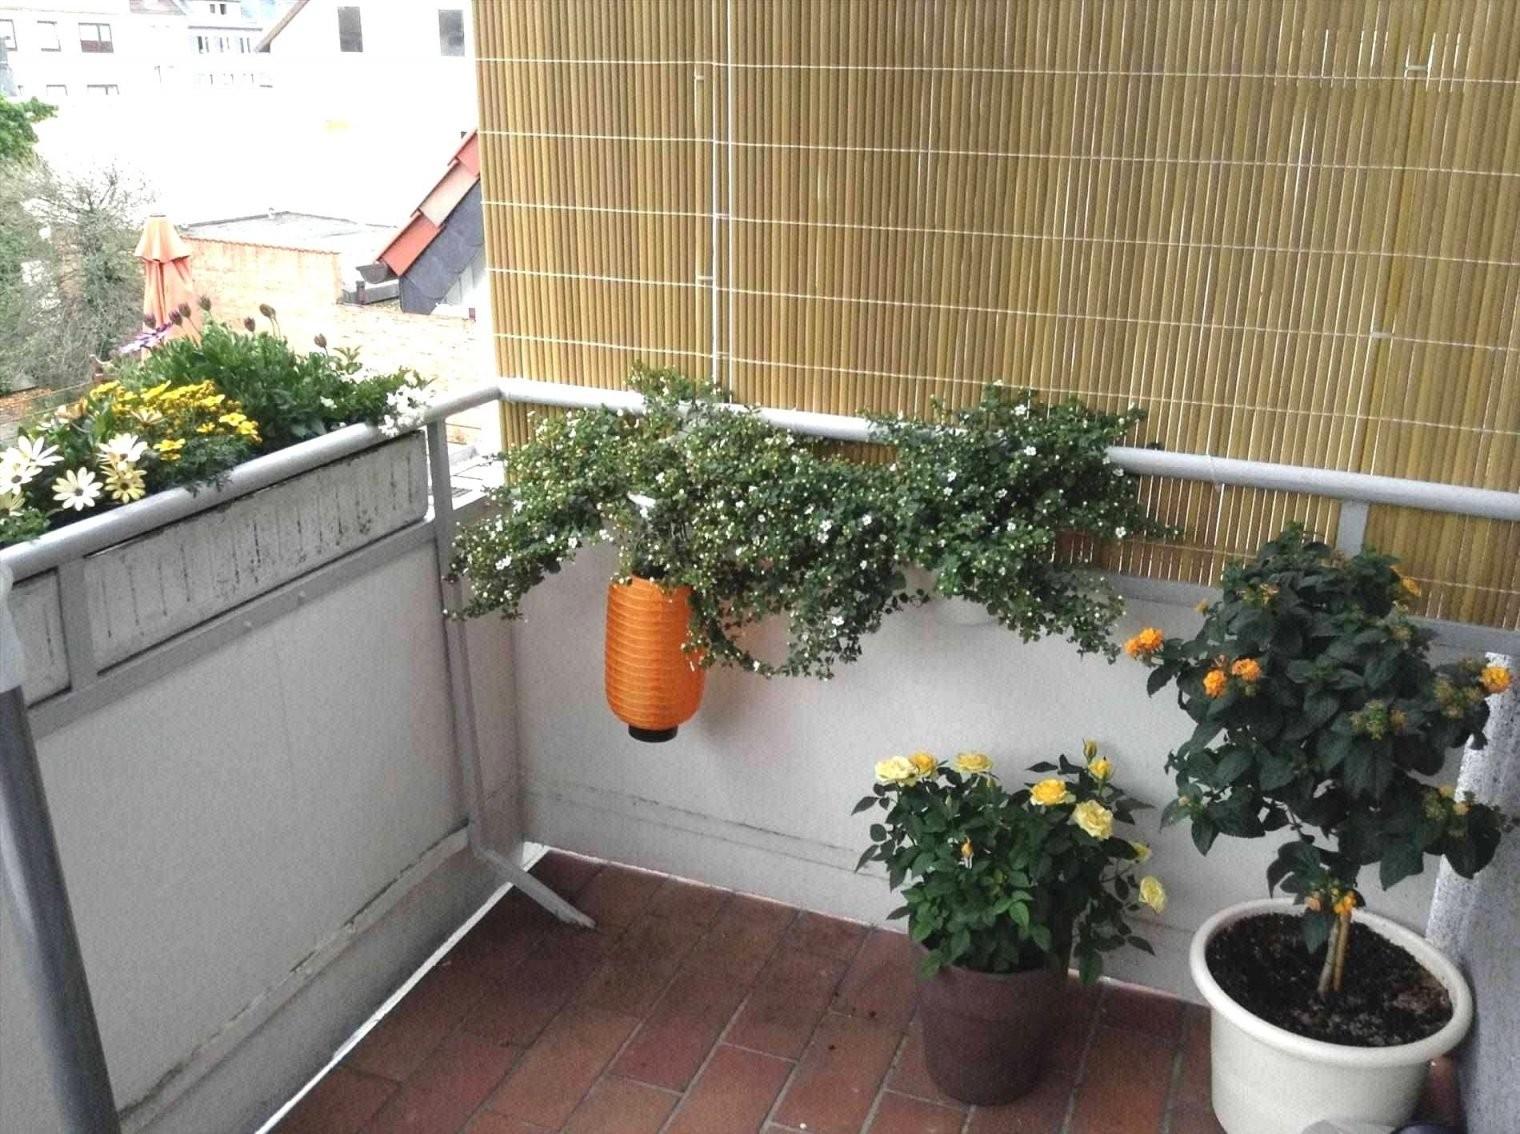 Sichtschutz Balkon Seitlich Ohne Bohren 45 Skizze  Vetosb202 von Sichtschutz Für Balkon Ohne Bohren Photo